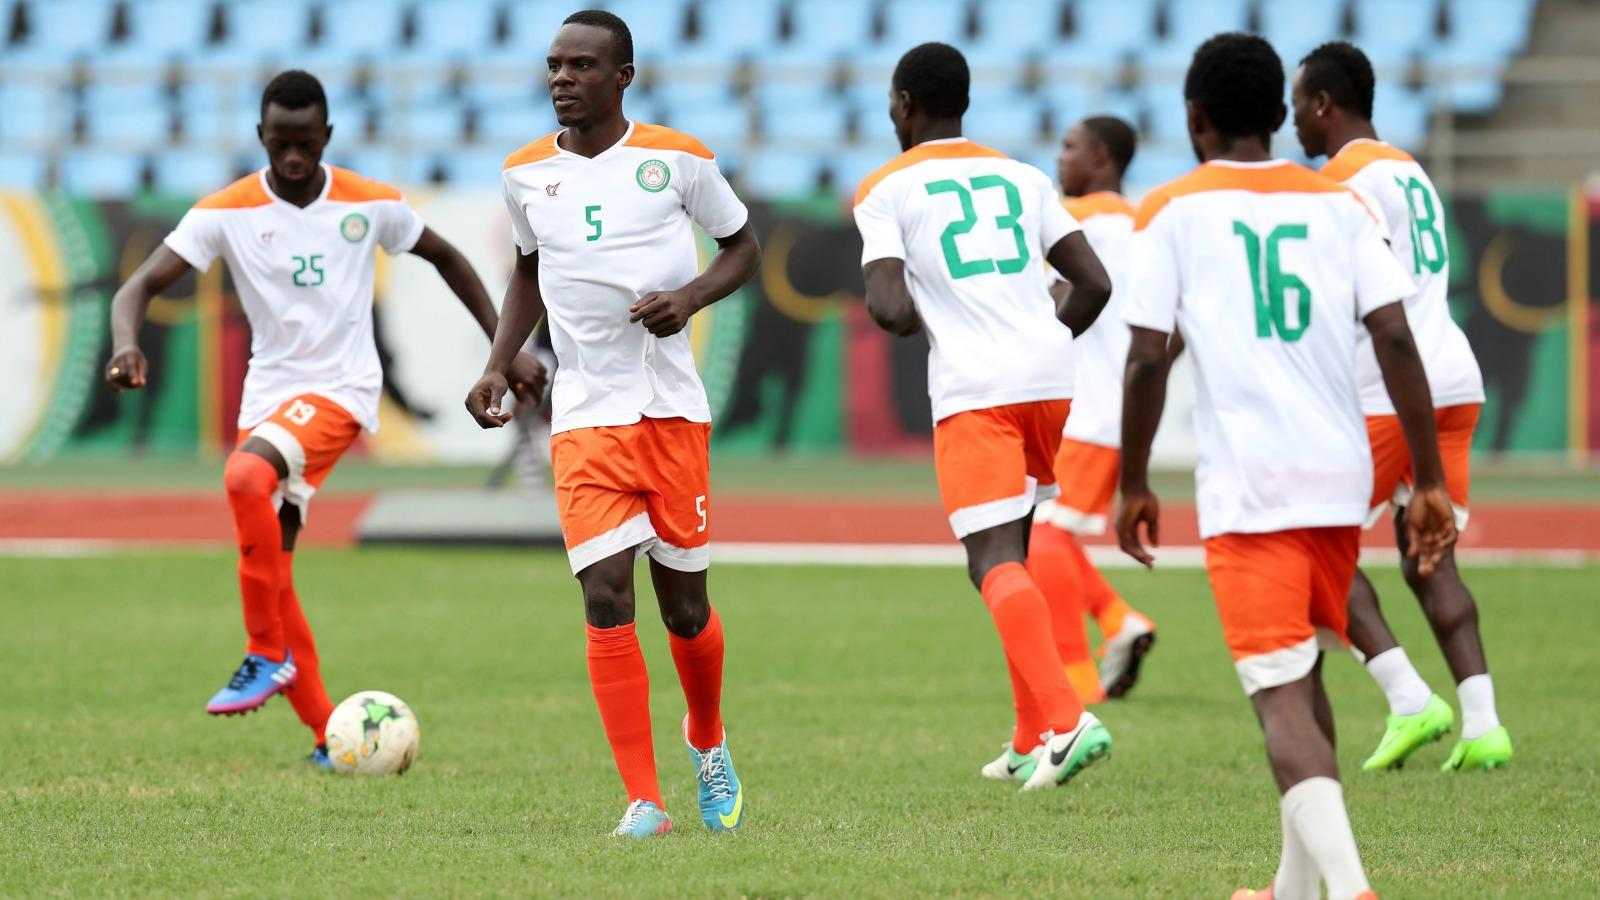 تصرف راقي للاعبي منتخب النيجر